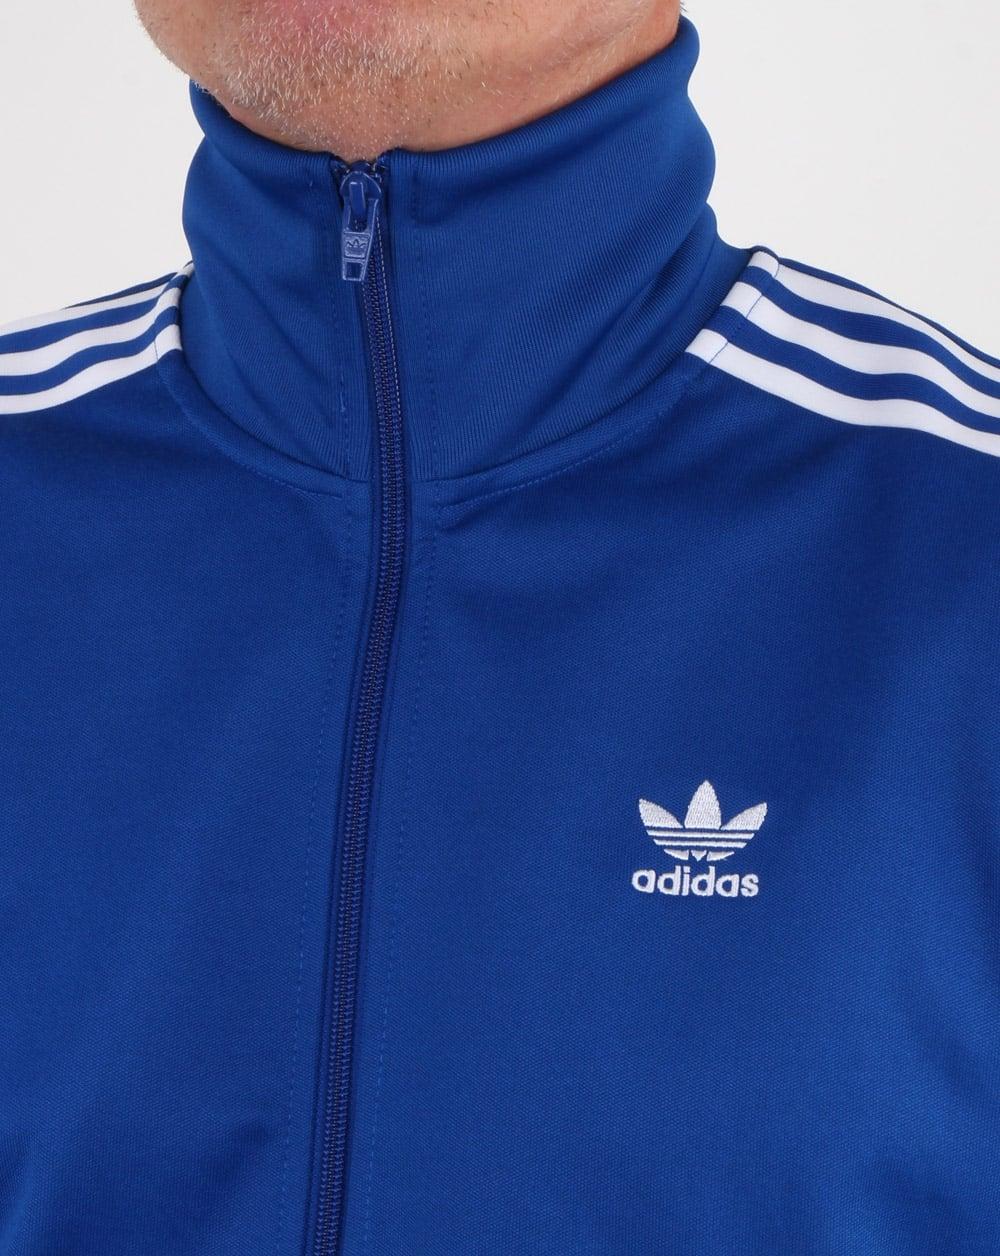 half off e5df0 49bf7 adidas Originals Adidas Originals Beckenbauer Track Top Collegiate Royal